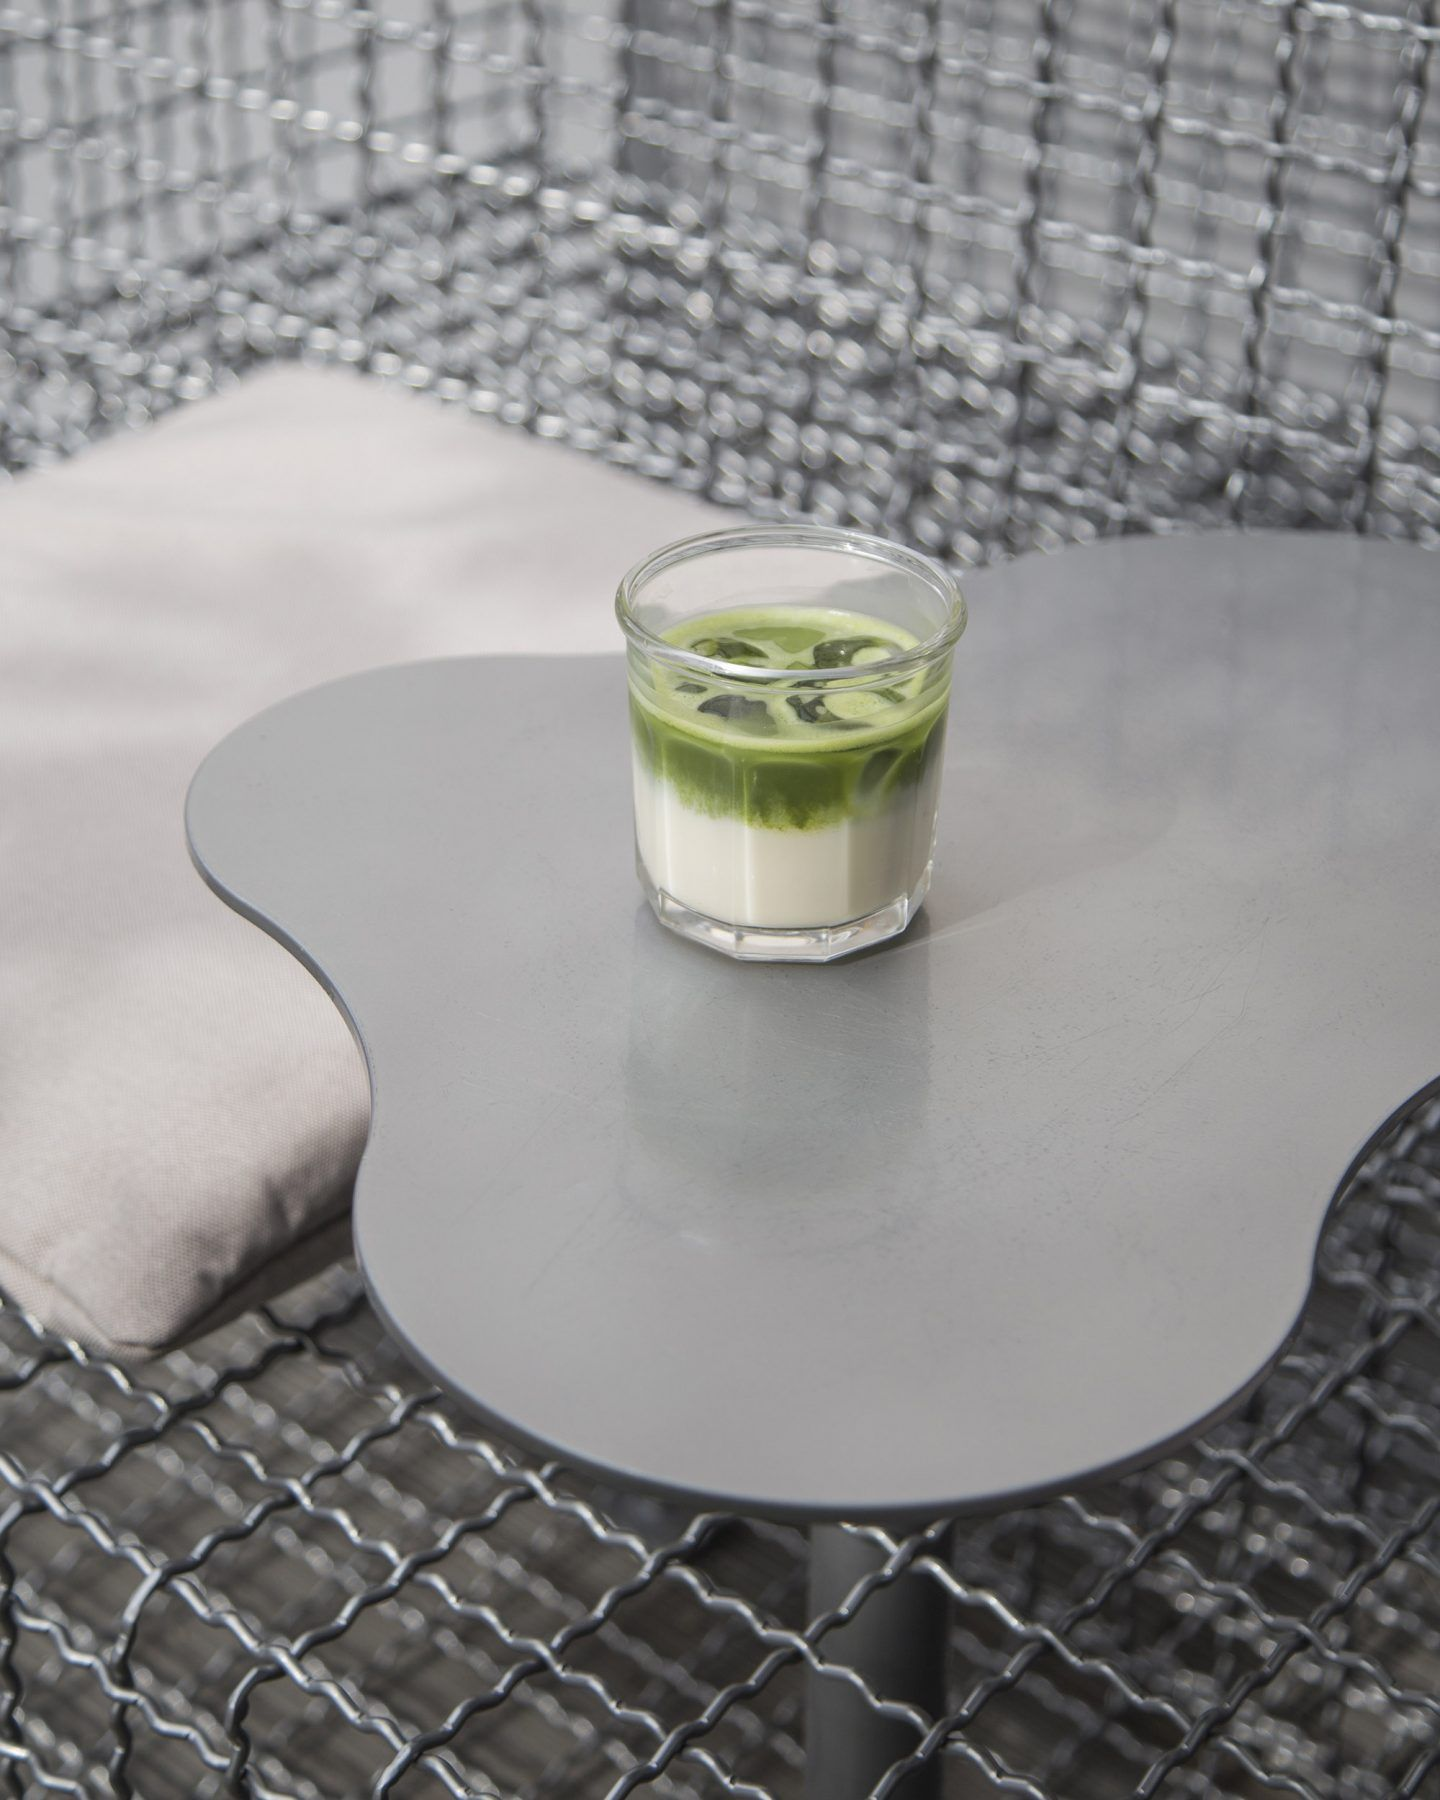 IGNANT-Design-AKZ-Architects-Bowl-Cafe-010